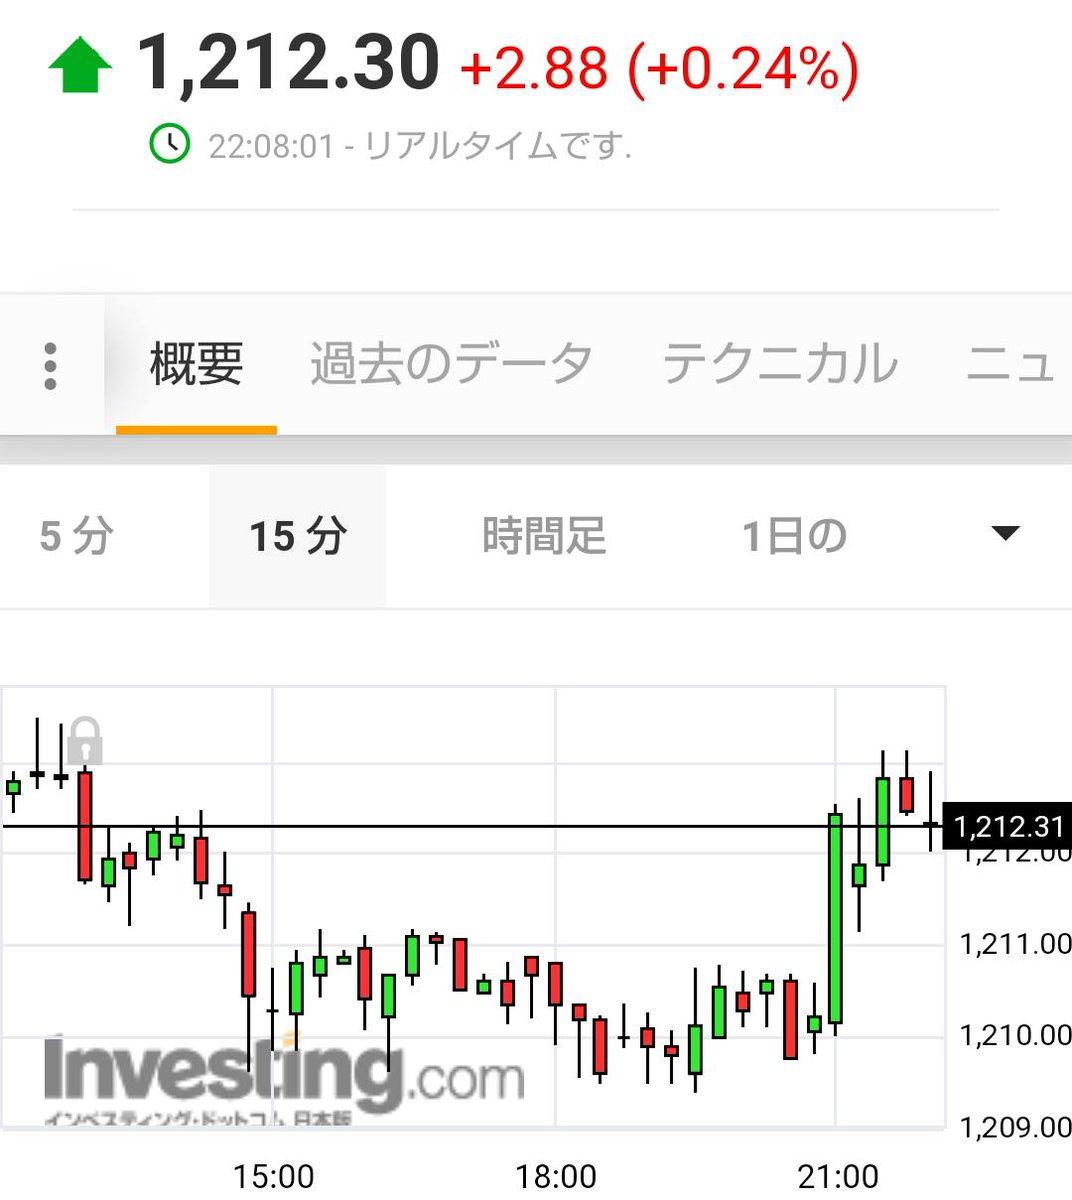 ウオン ドル